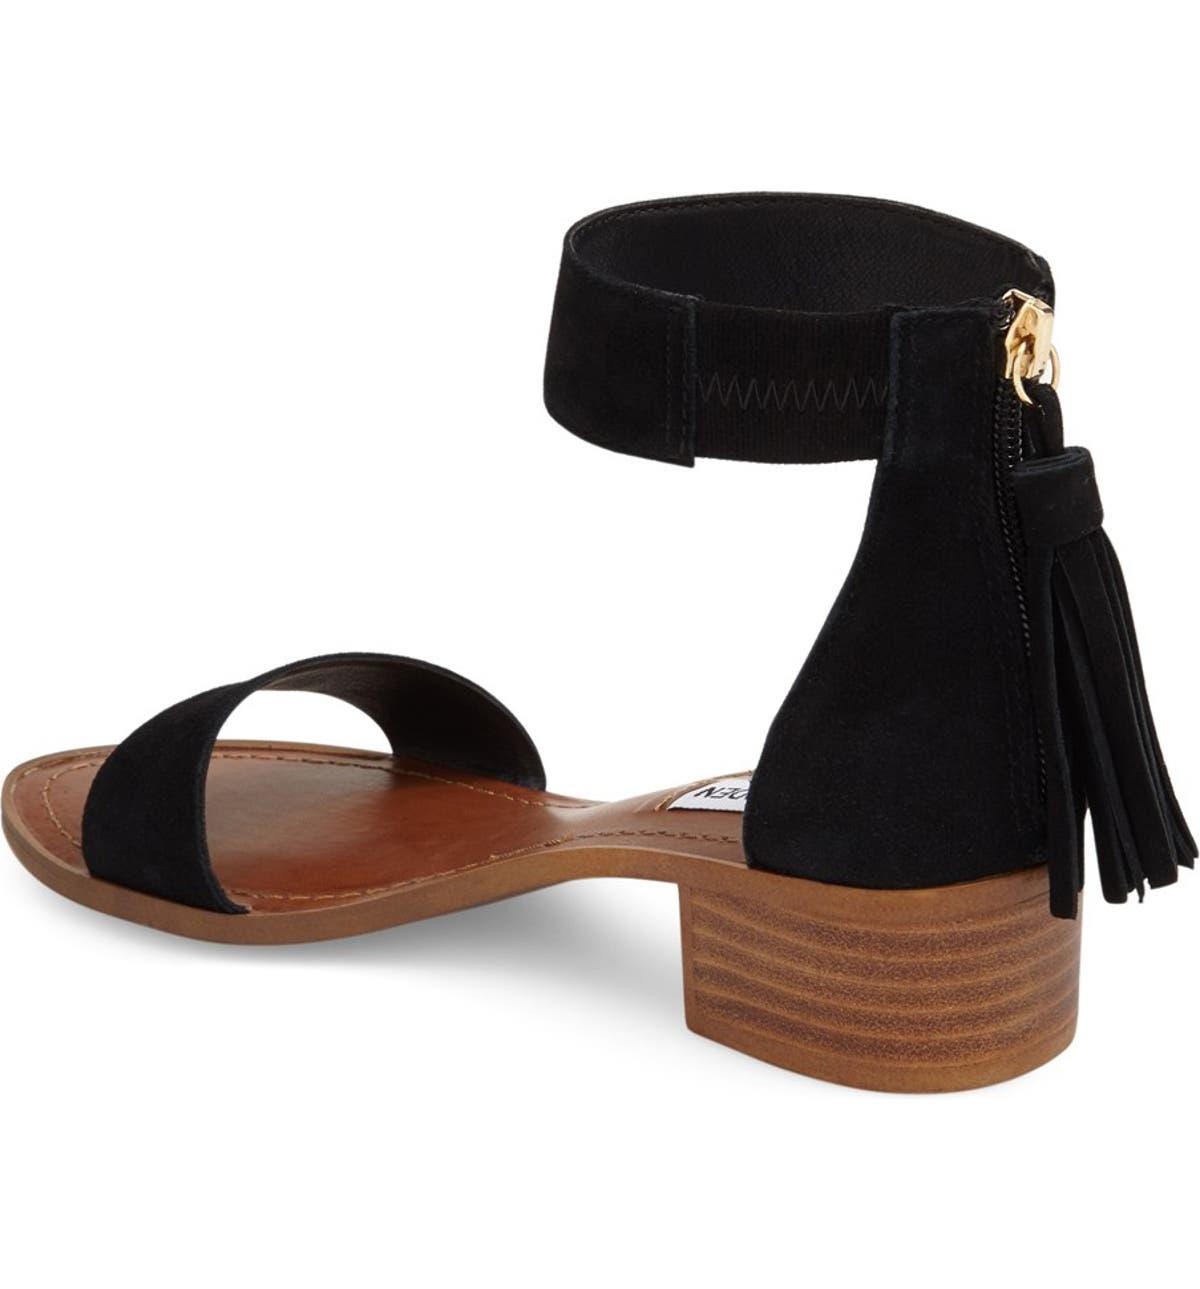 c8c06d2311c 'Darcie' Ankle Strap Sandal